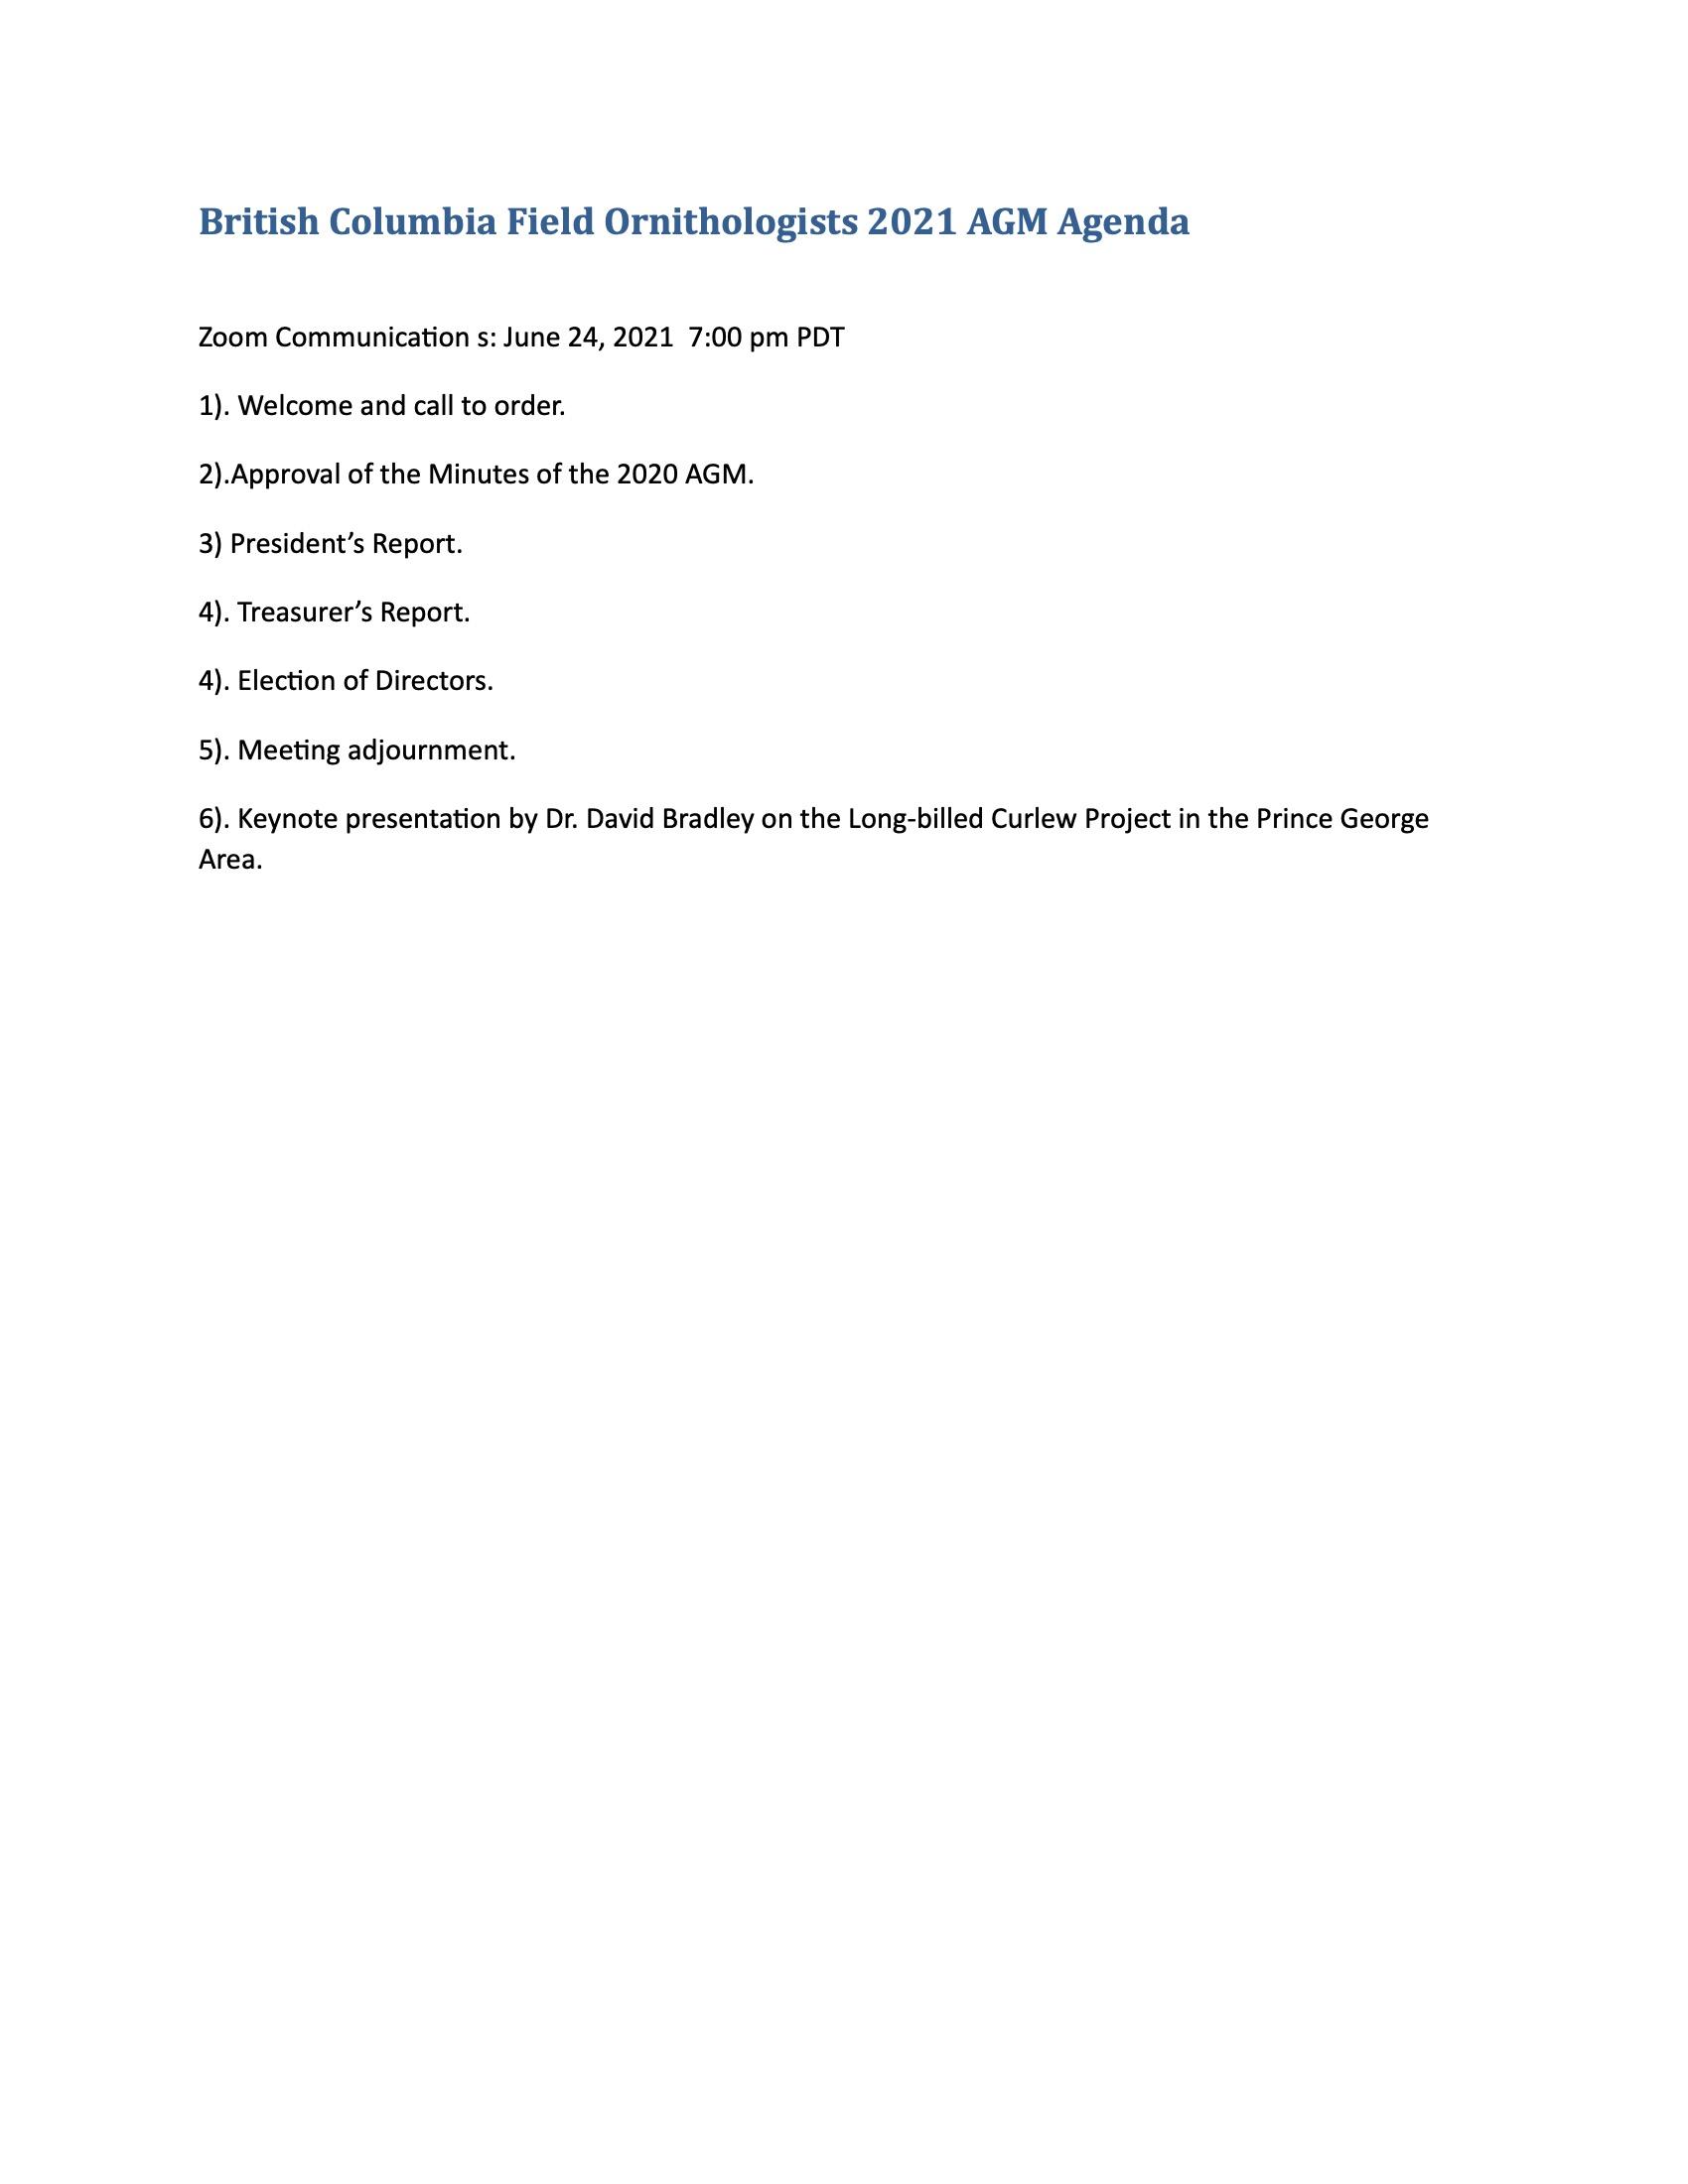 BCFO 2021 AGM Agenda-1